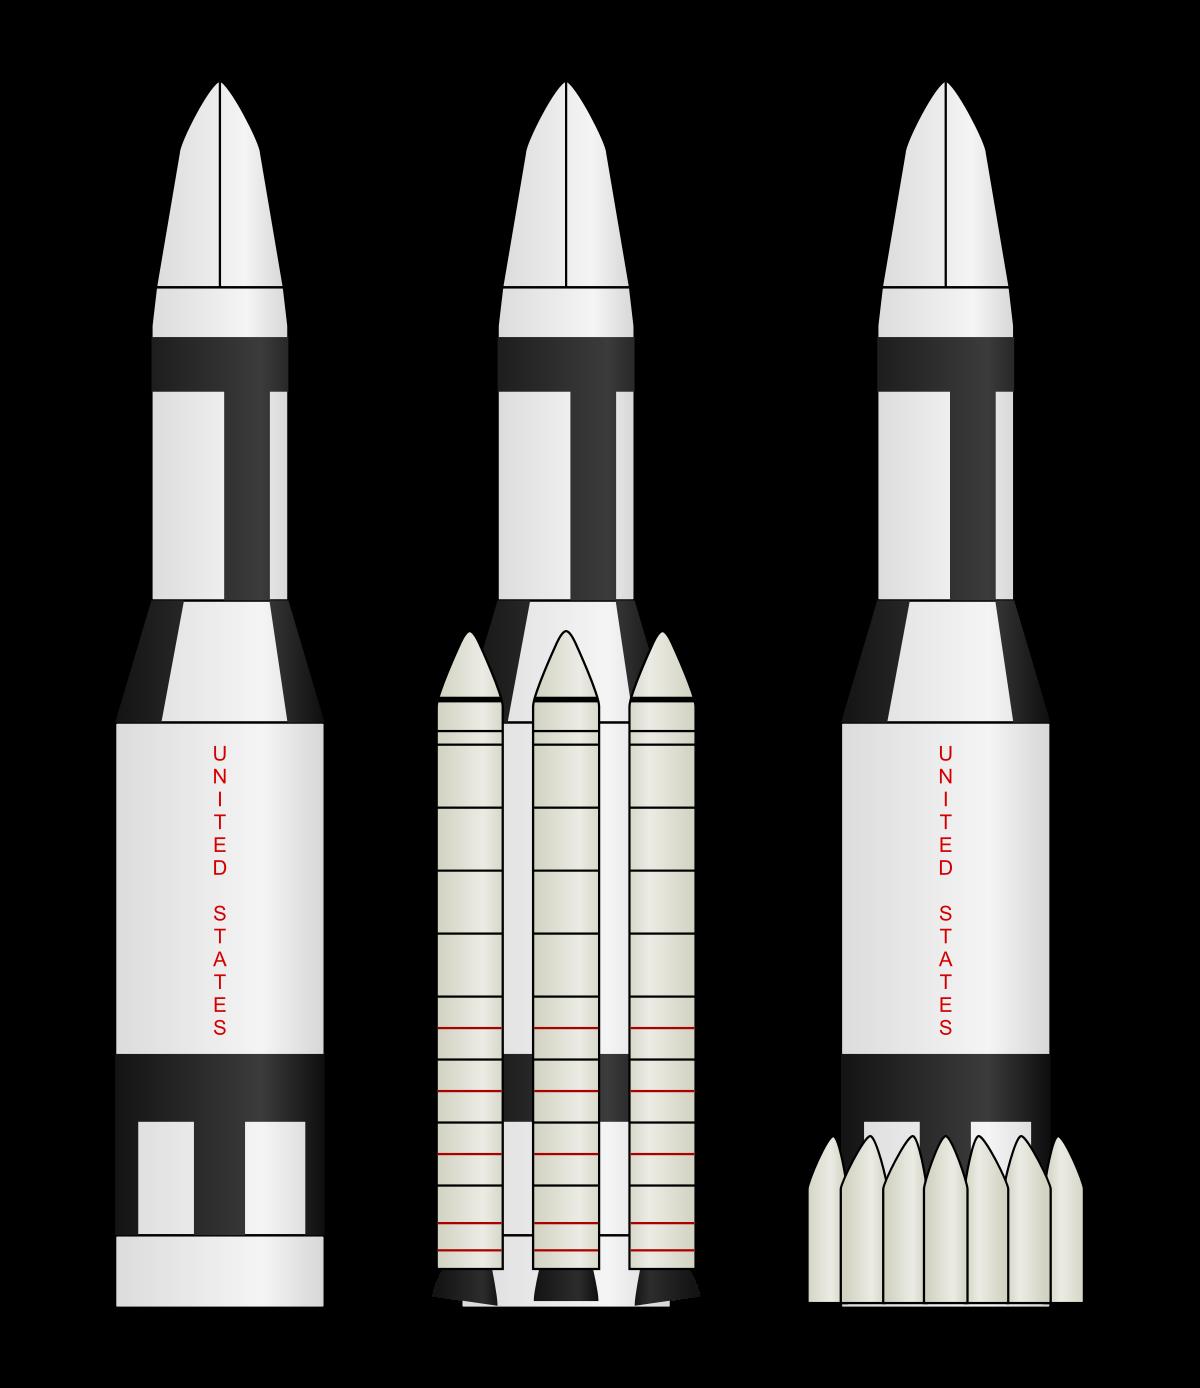 Clipart rocket future. Saturn ii wikipedia